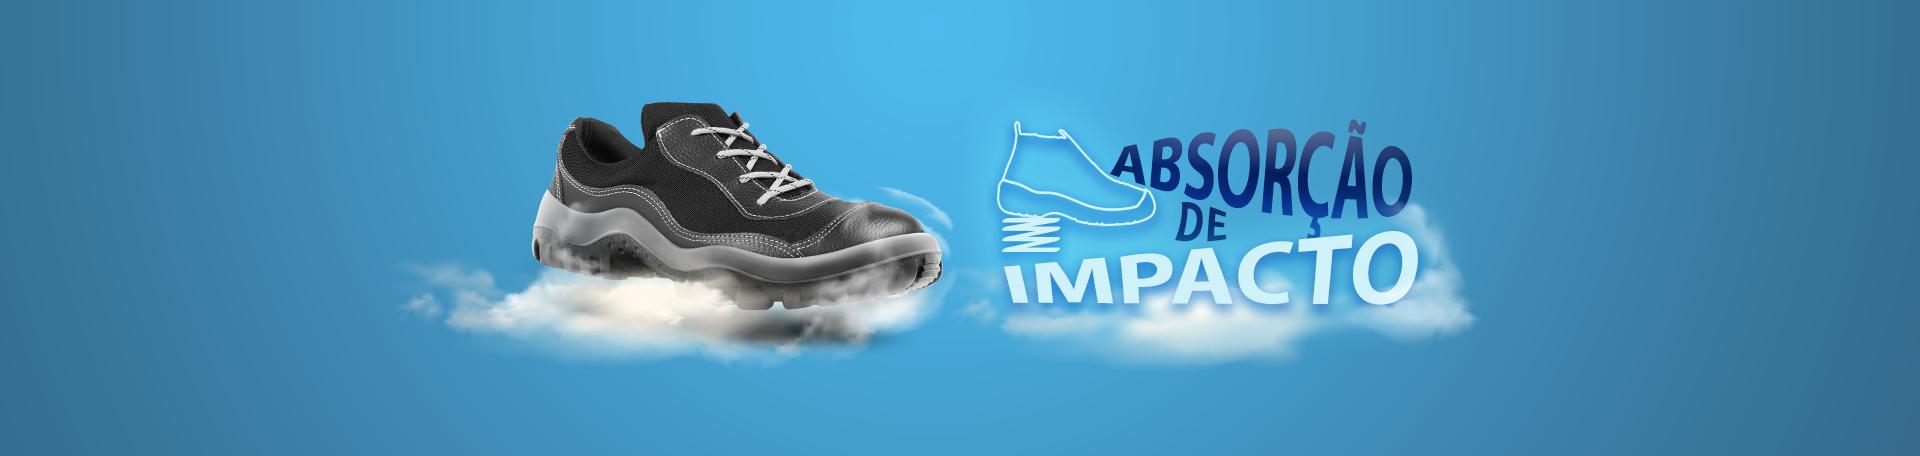 abosrção-de-impacto-calçado-de-segurança